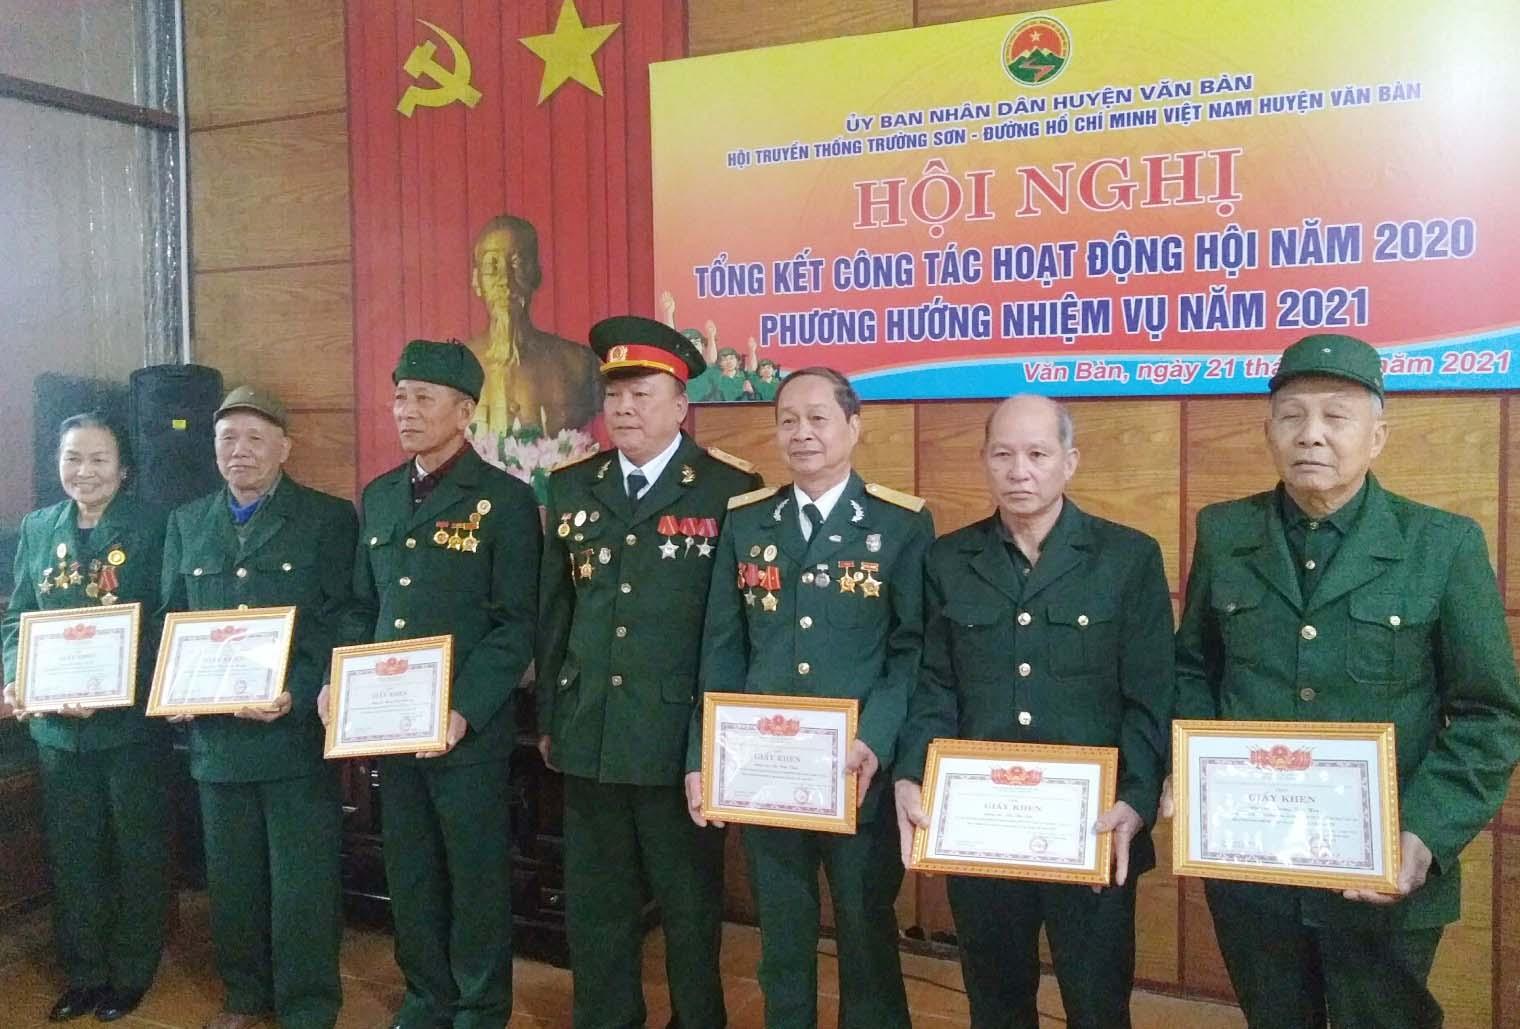 Hội Trường Sơn huyện Văn Bàn, Lào Cai hoàn thành tốt nhiệm vụ trọng tâm-